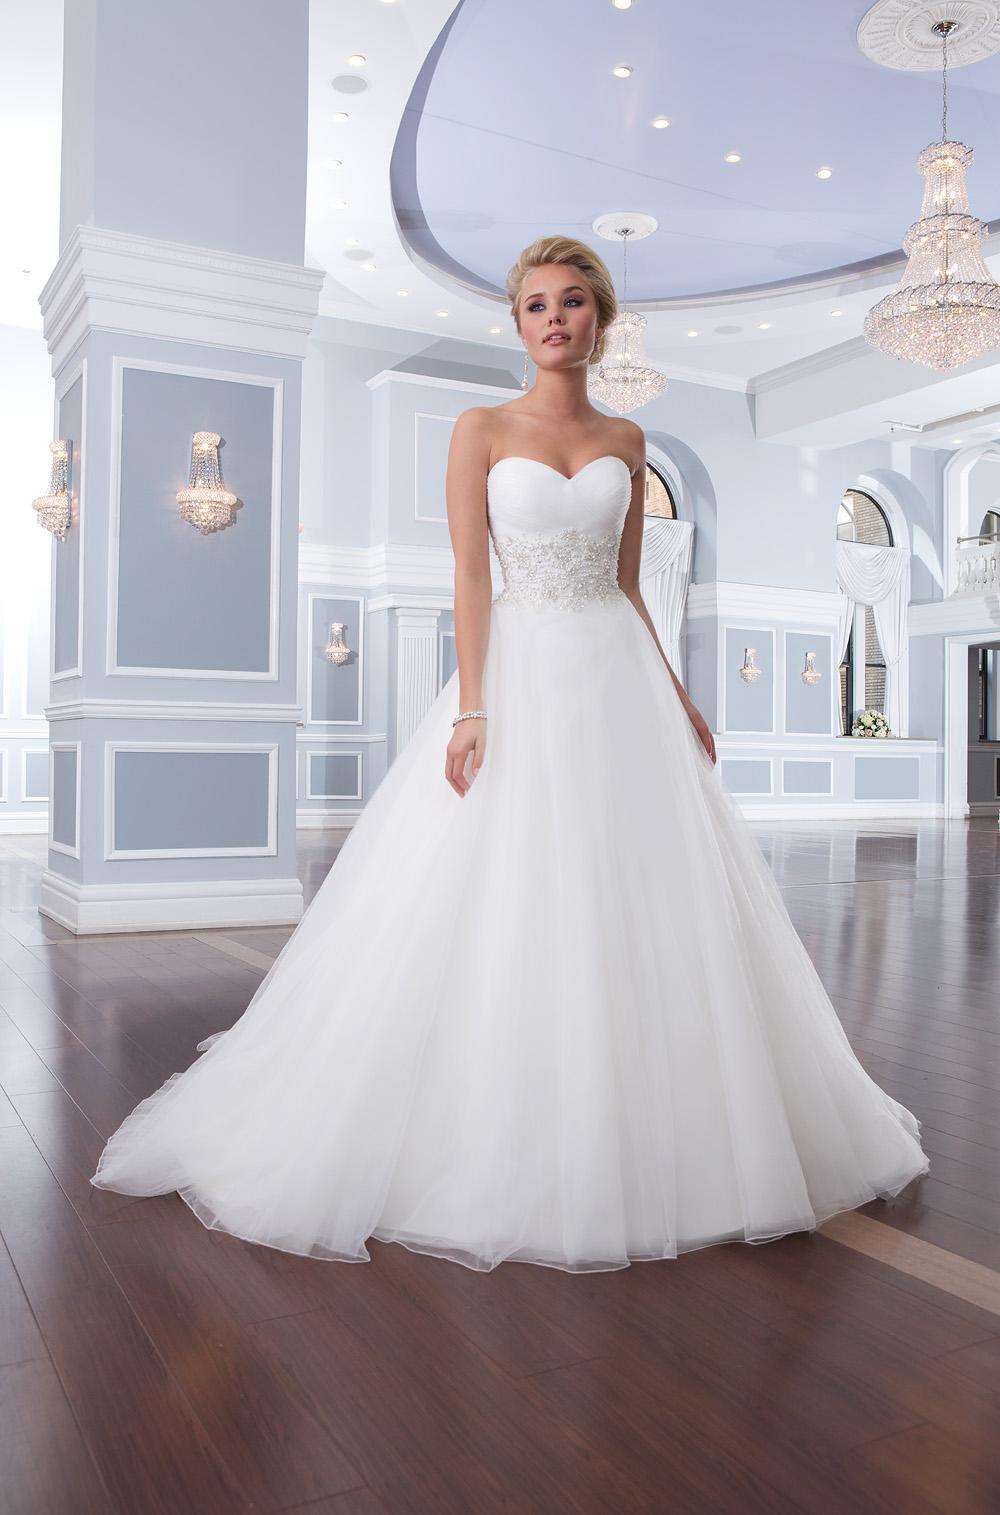 Пышное свадебное платье невесты